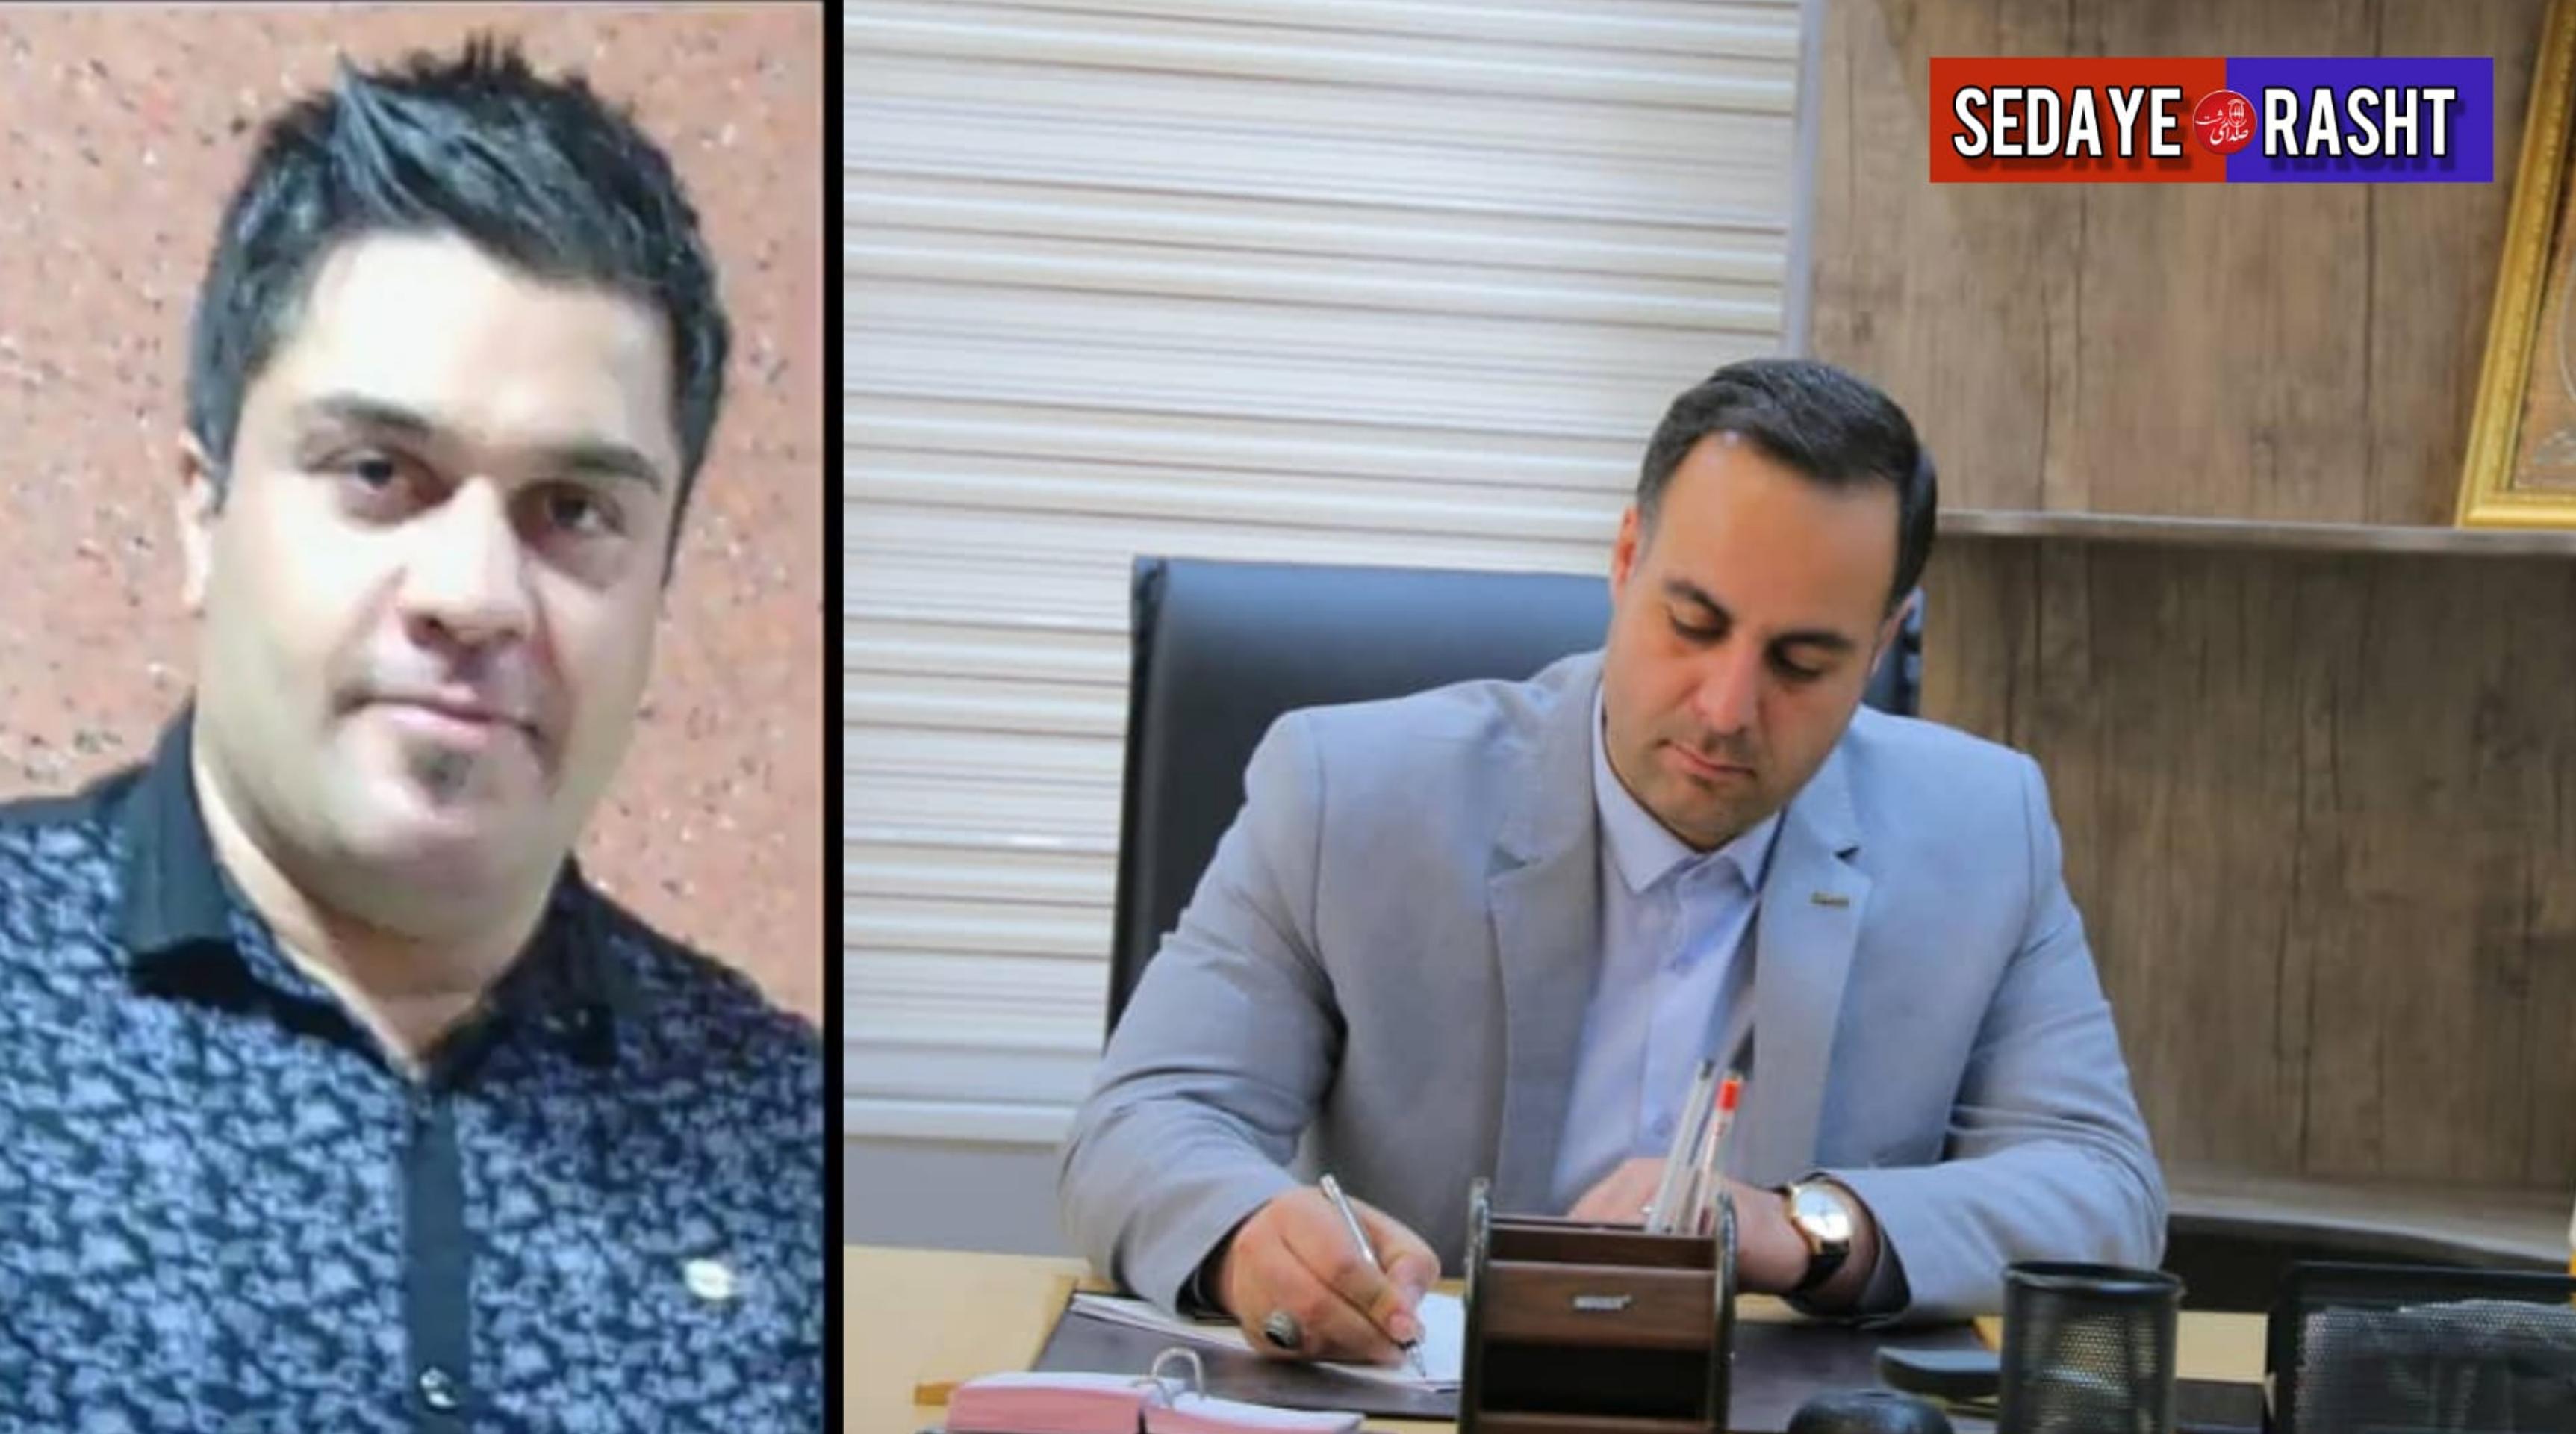 پیام تسلیت هیئت رئیسه هیات انجمن های ورزشی استان گیلان  در پی درگذشت سعید زمان نژاد